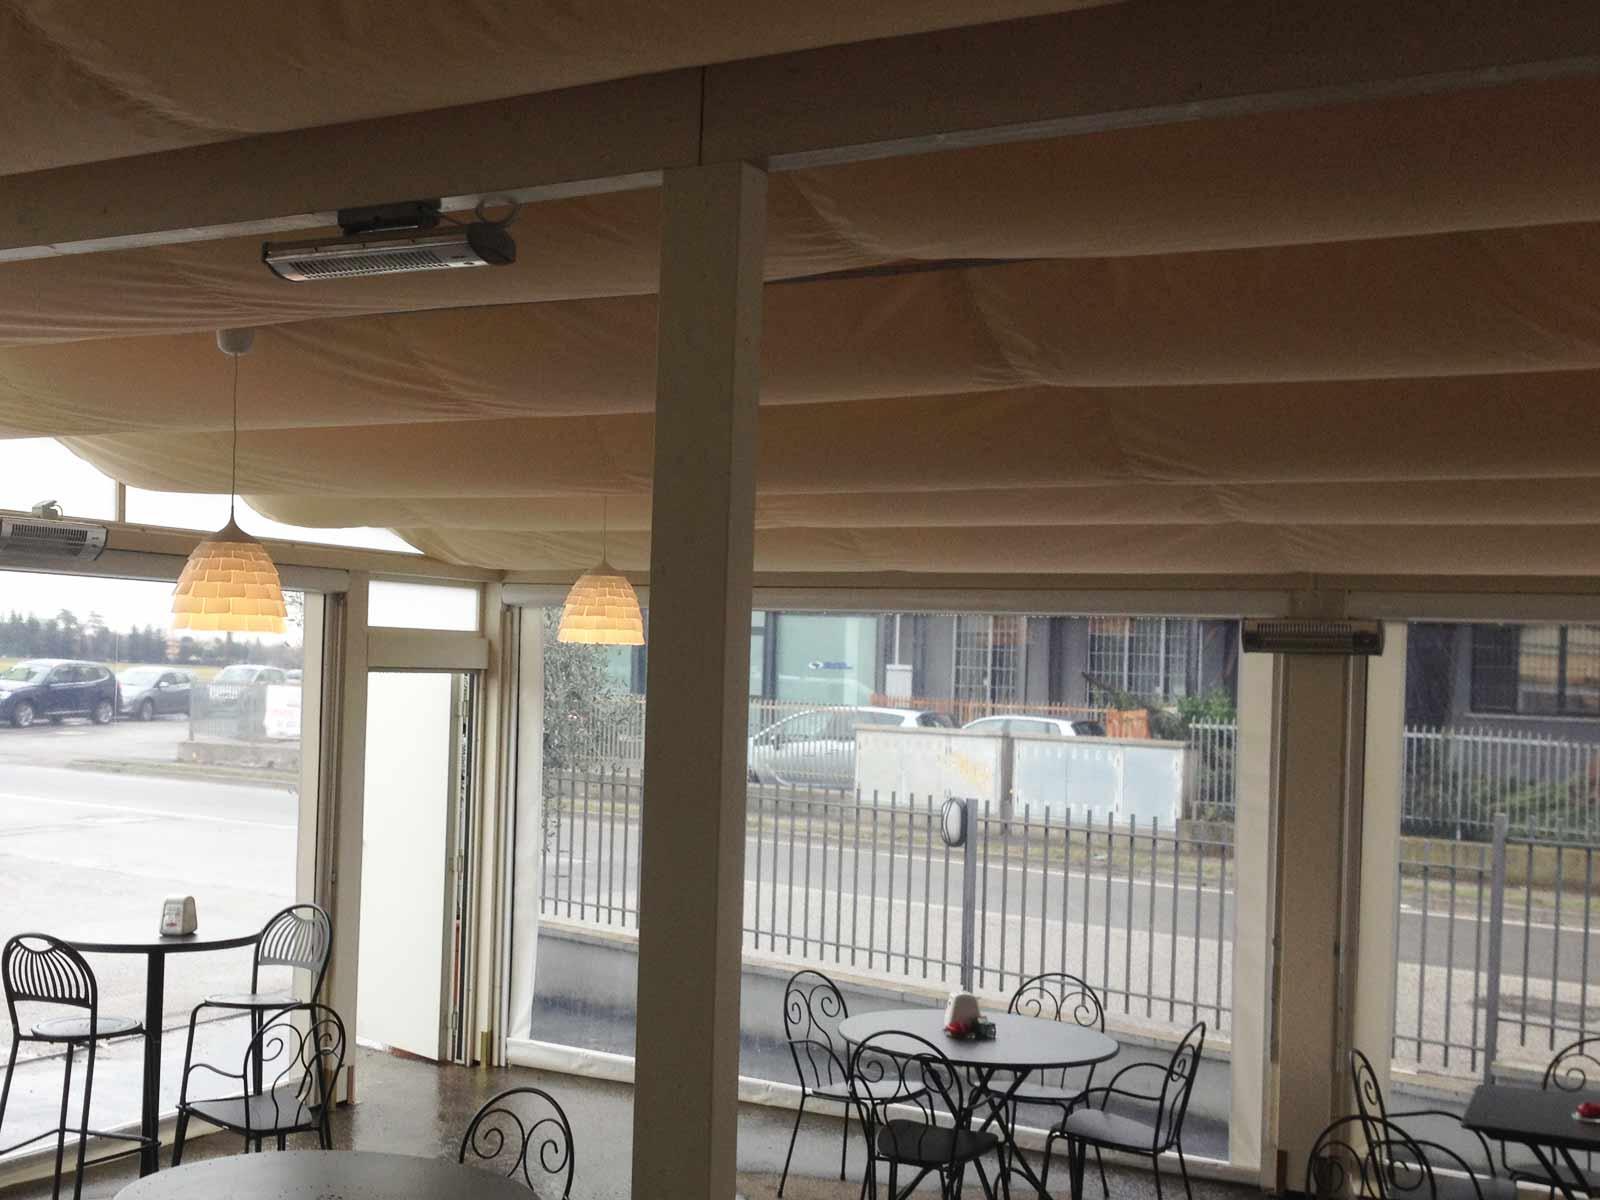 Veranda con teli a onde a soffitto e chiusure perimetrali